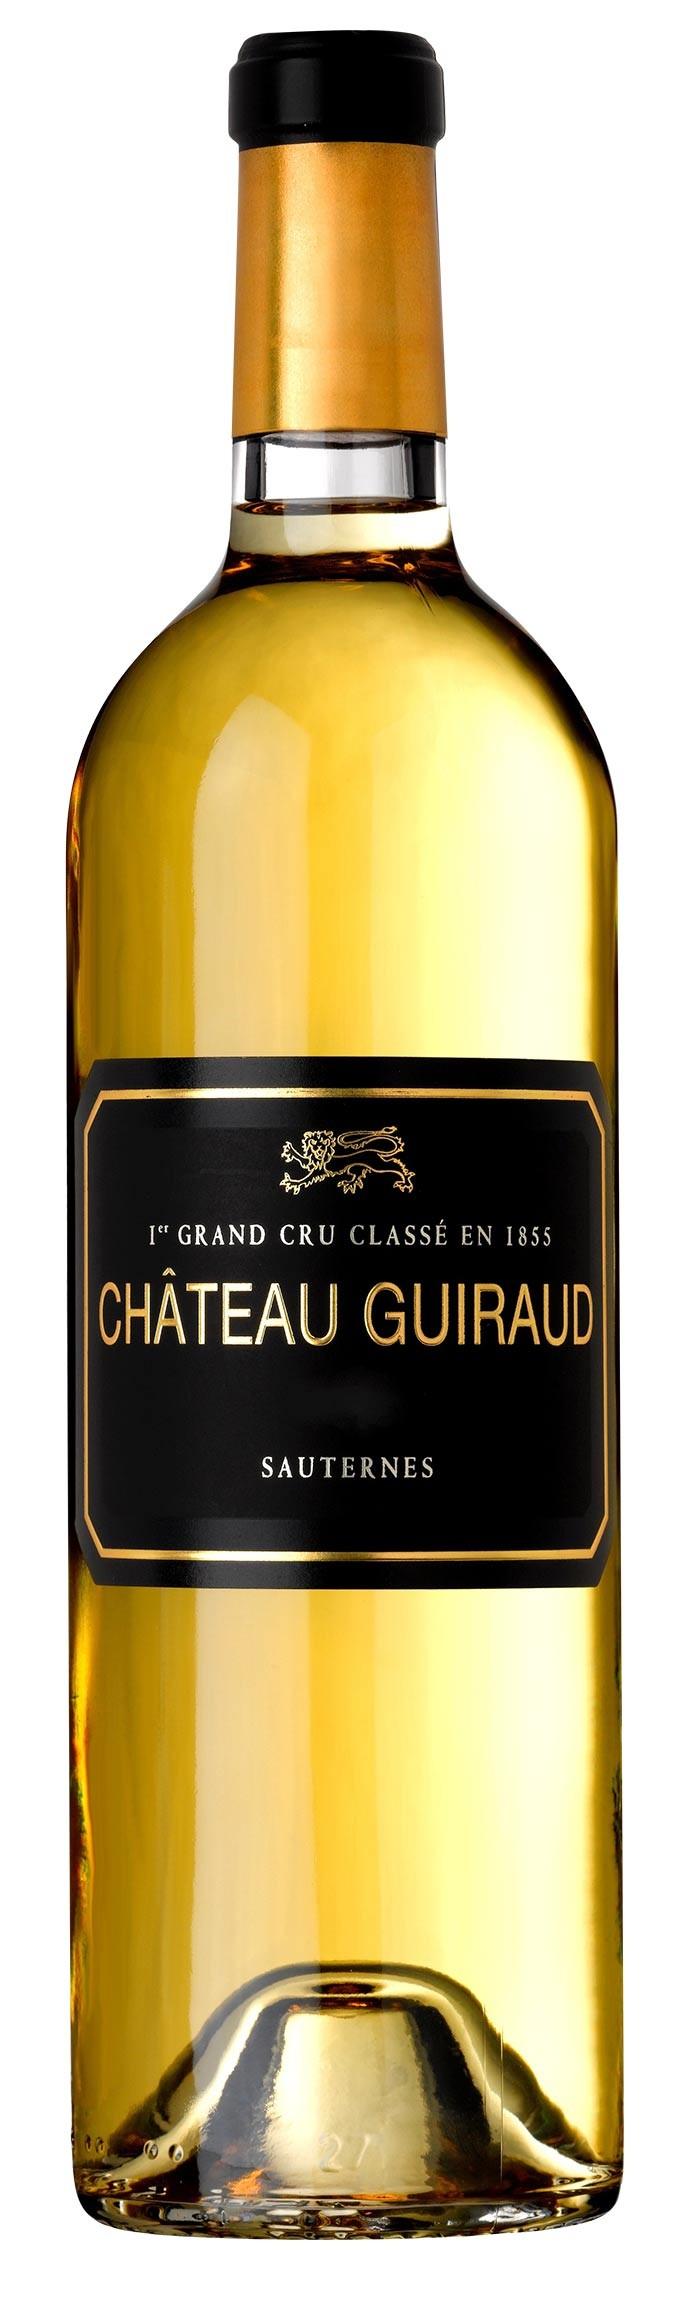 Chateau Guiraud - 1.Grand Cru Classe, 2010